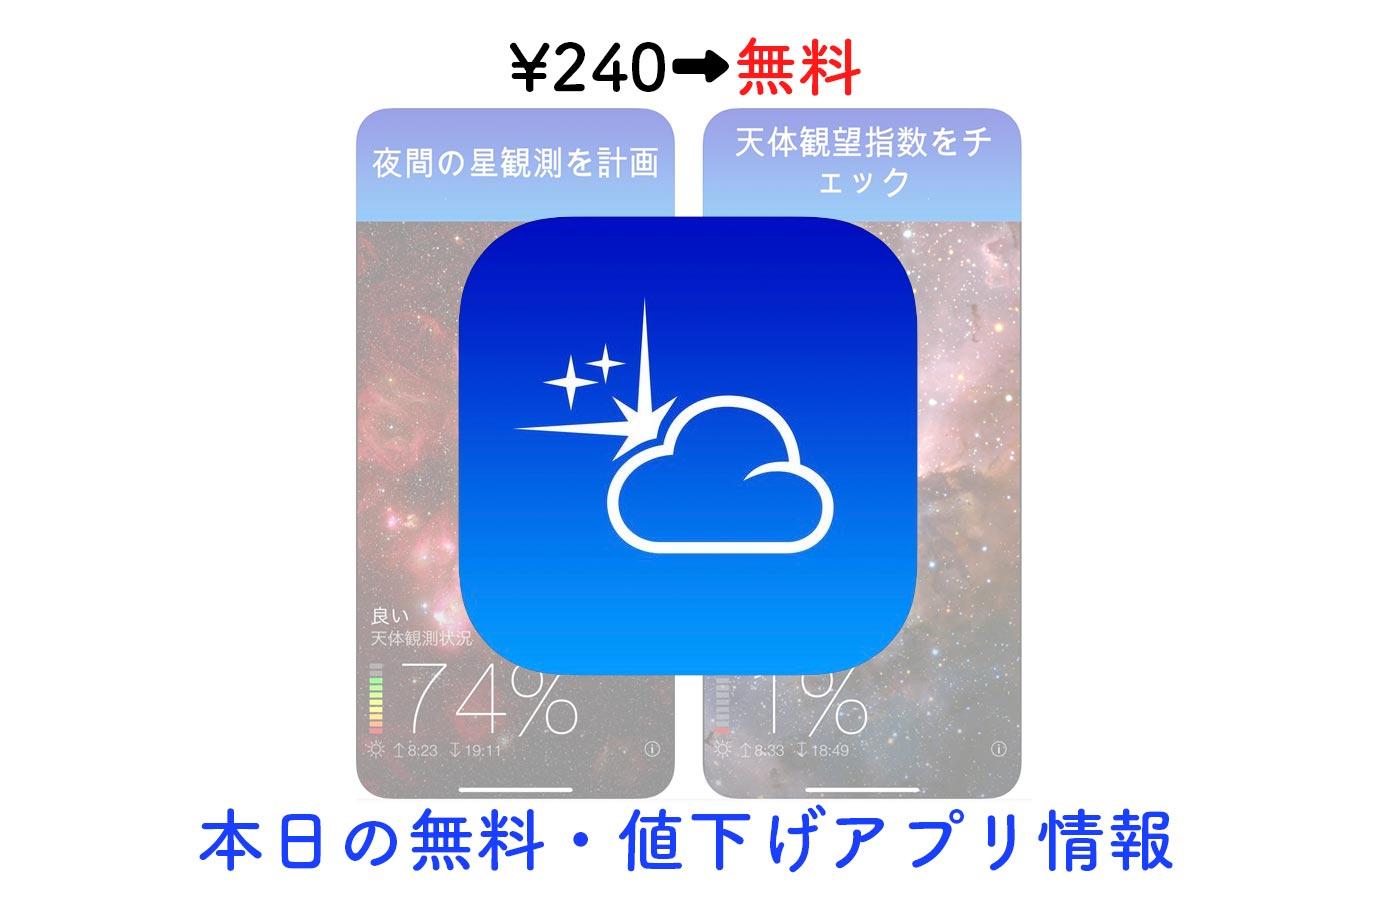 ¥240→無料、天体観測に便利な「Sky Live」など【3/19】セールアプリ情報